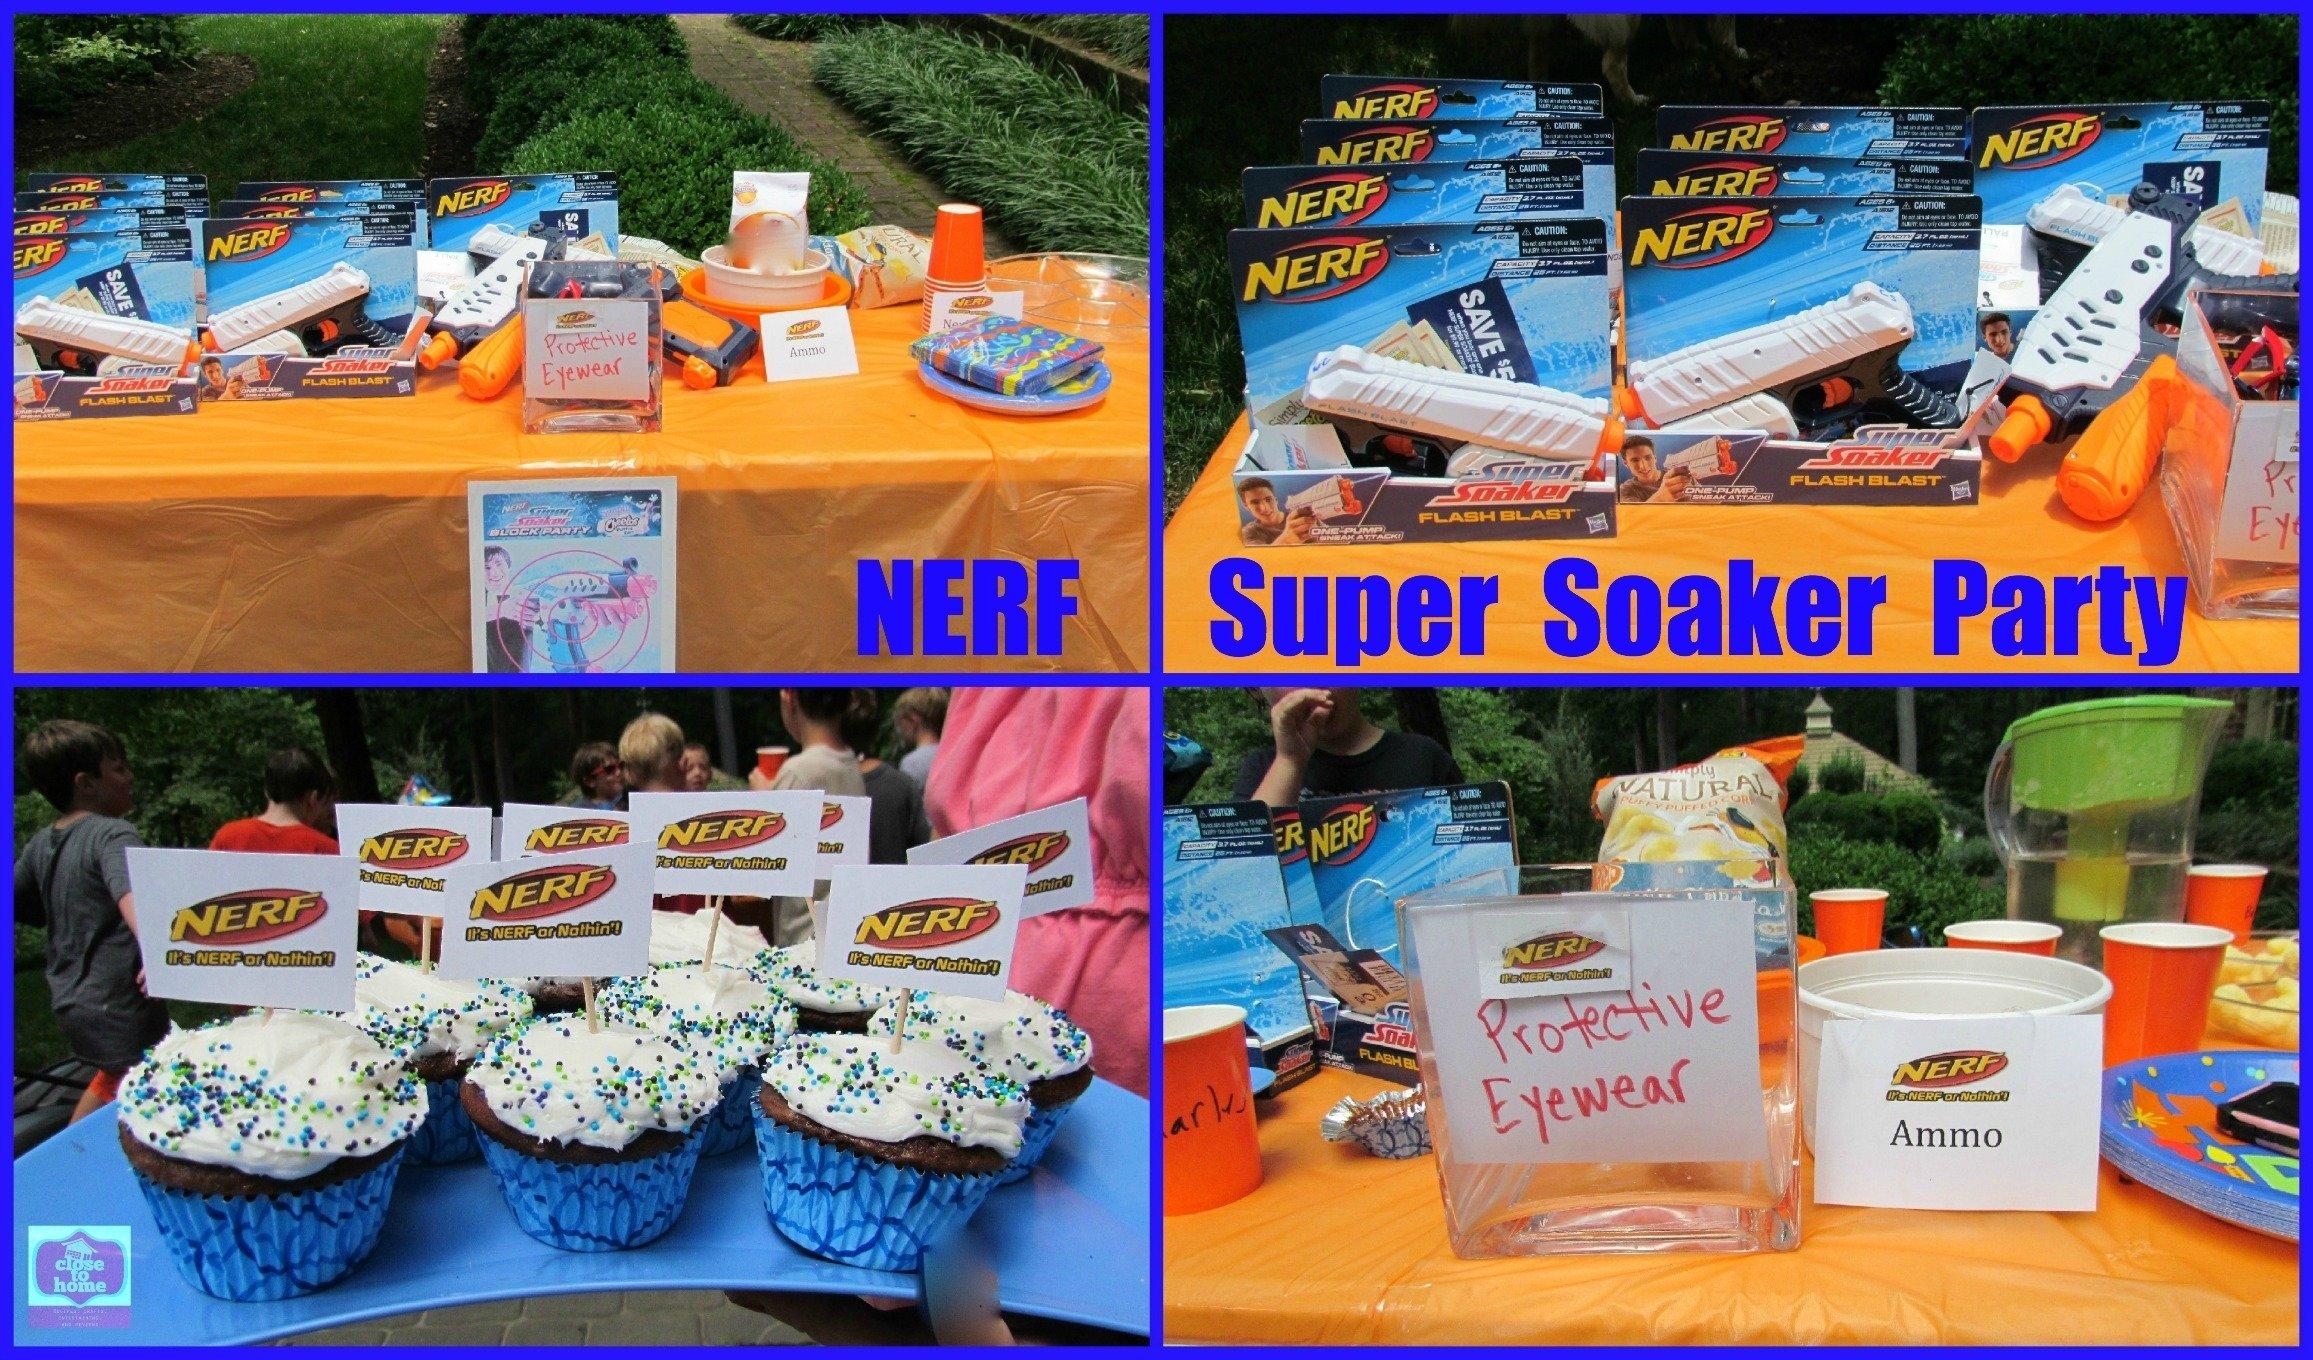 10 Stylish 7 Yr Old Boy Birthday Party Ideas summer birthday party ideas nerf super soaker boy wellsuited for 7 3 2021